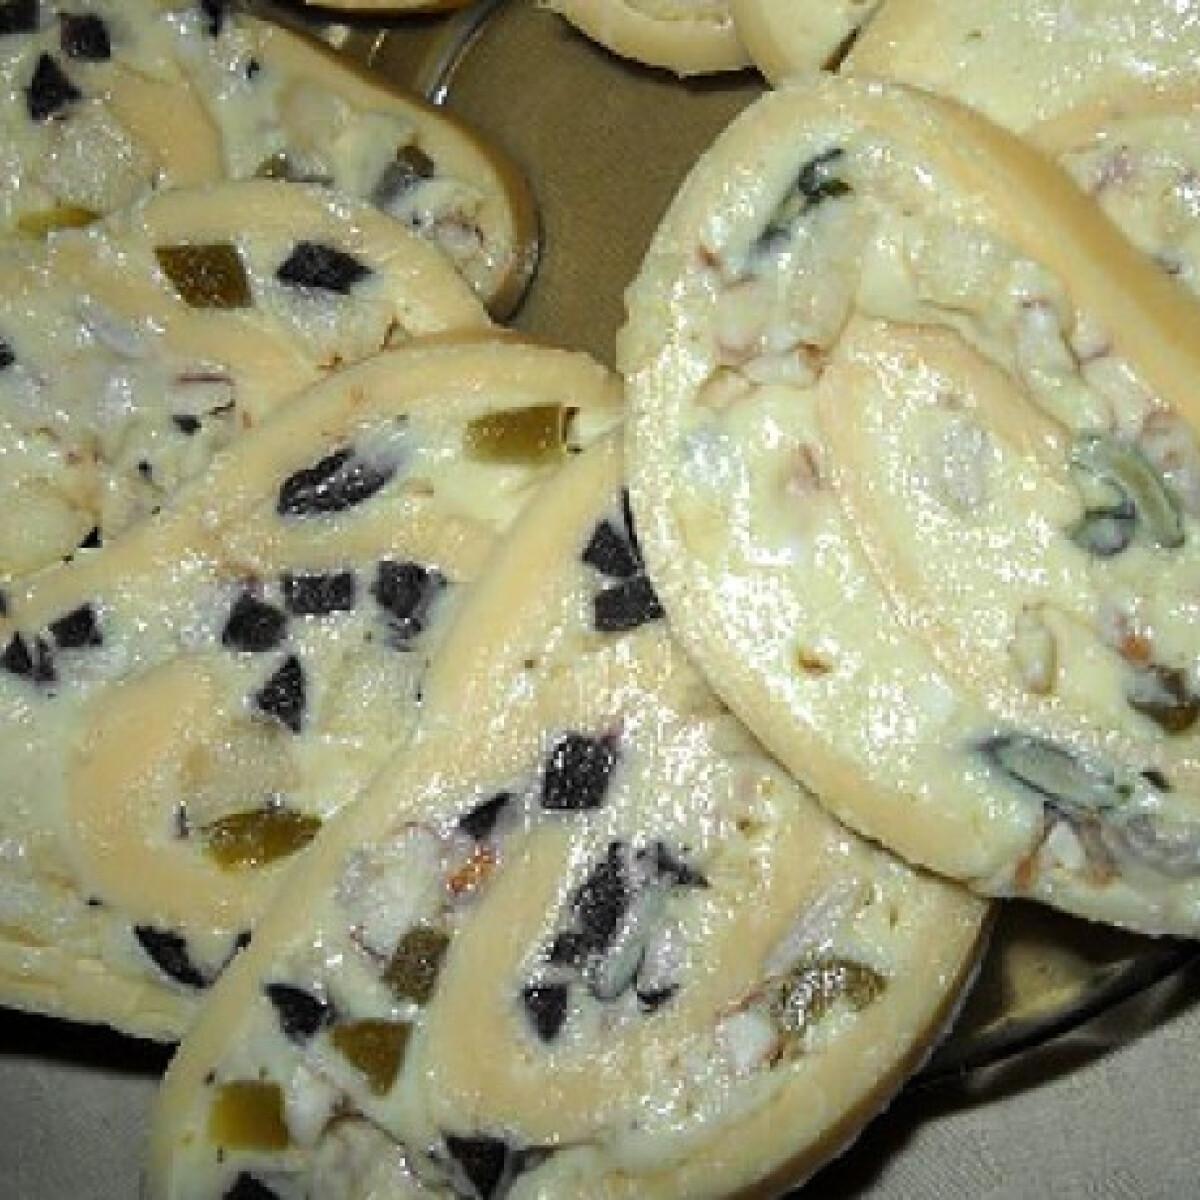 Olajbogyós sajttekercs